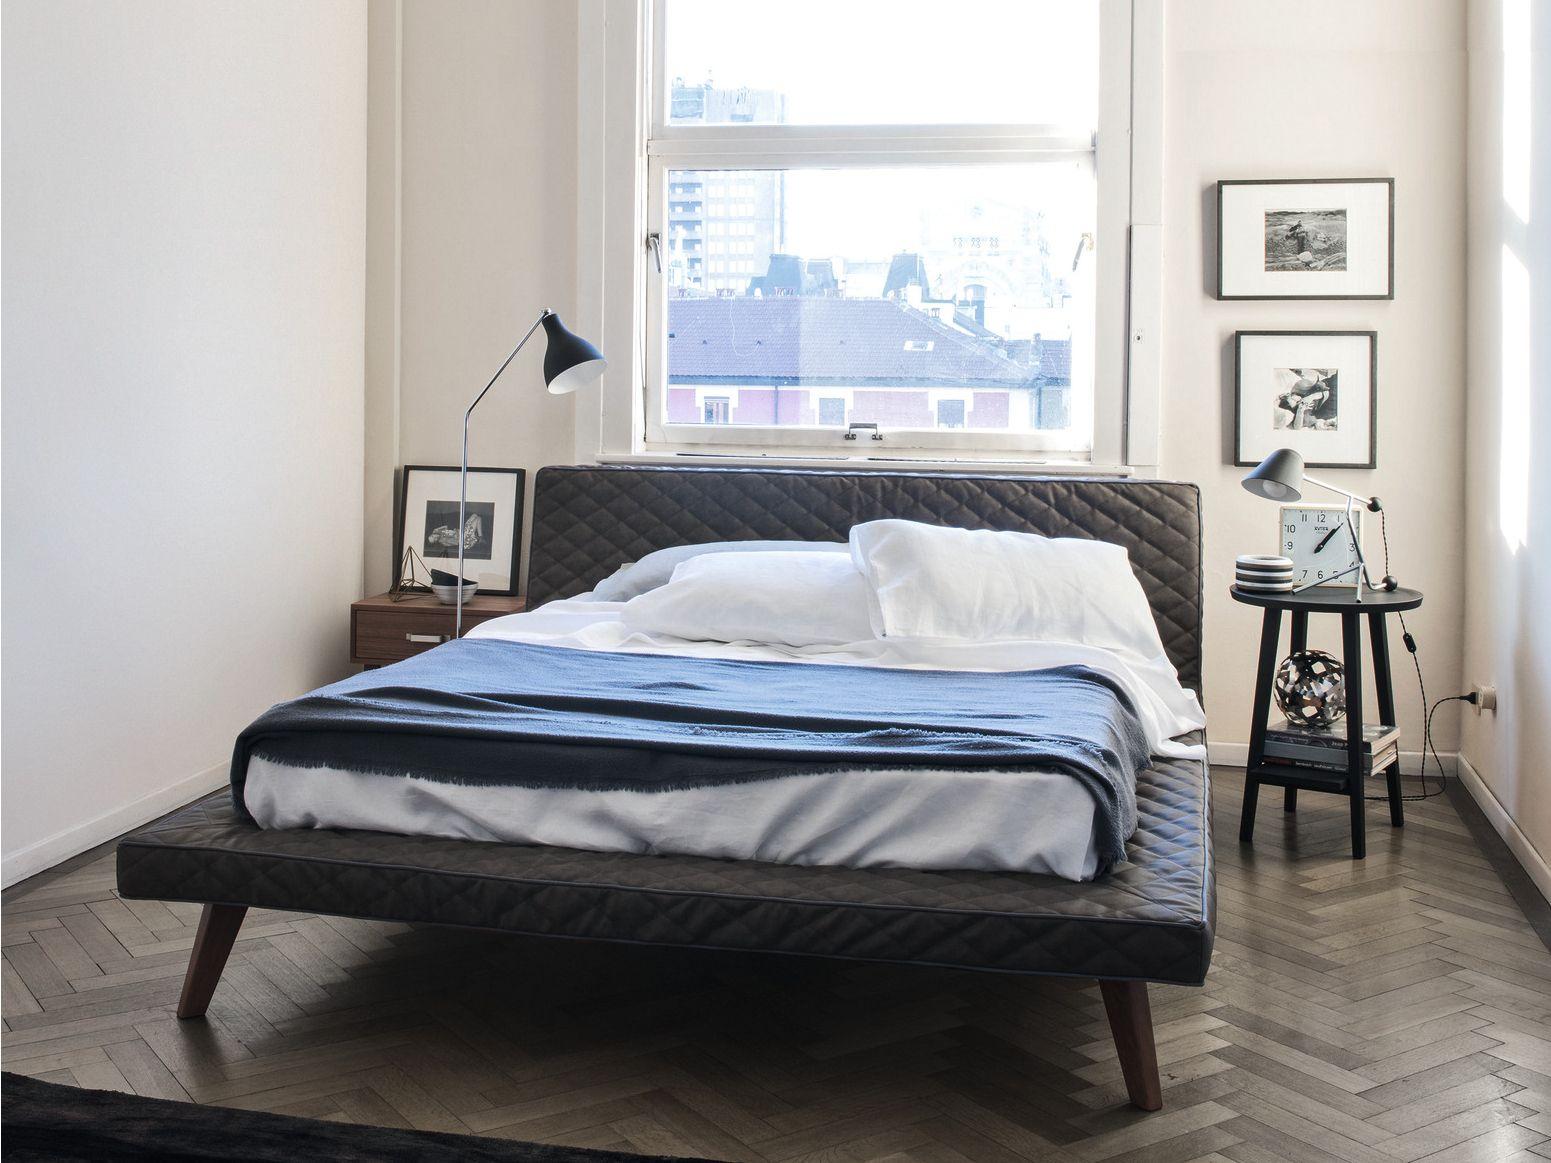 lit double en tissu avec rev tement amovible avec t te. Black Bedroom Furniture Sets. Home Design Ideas